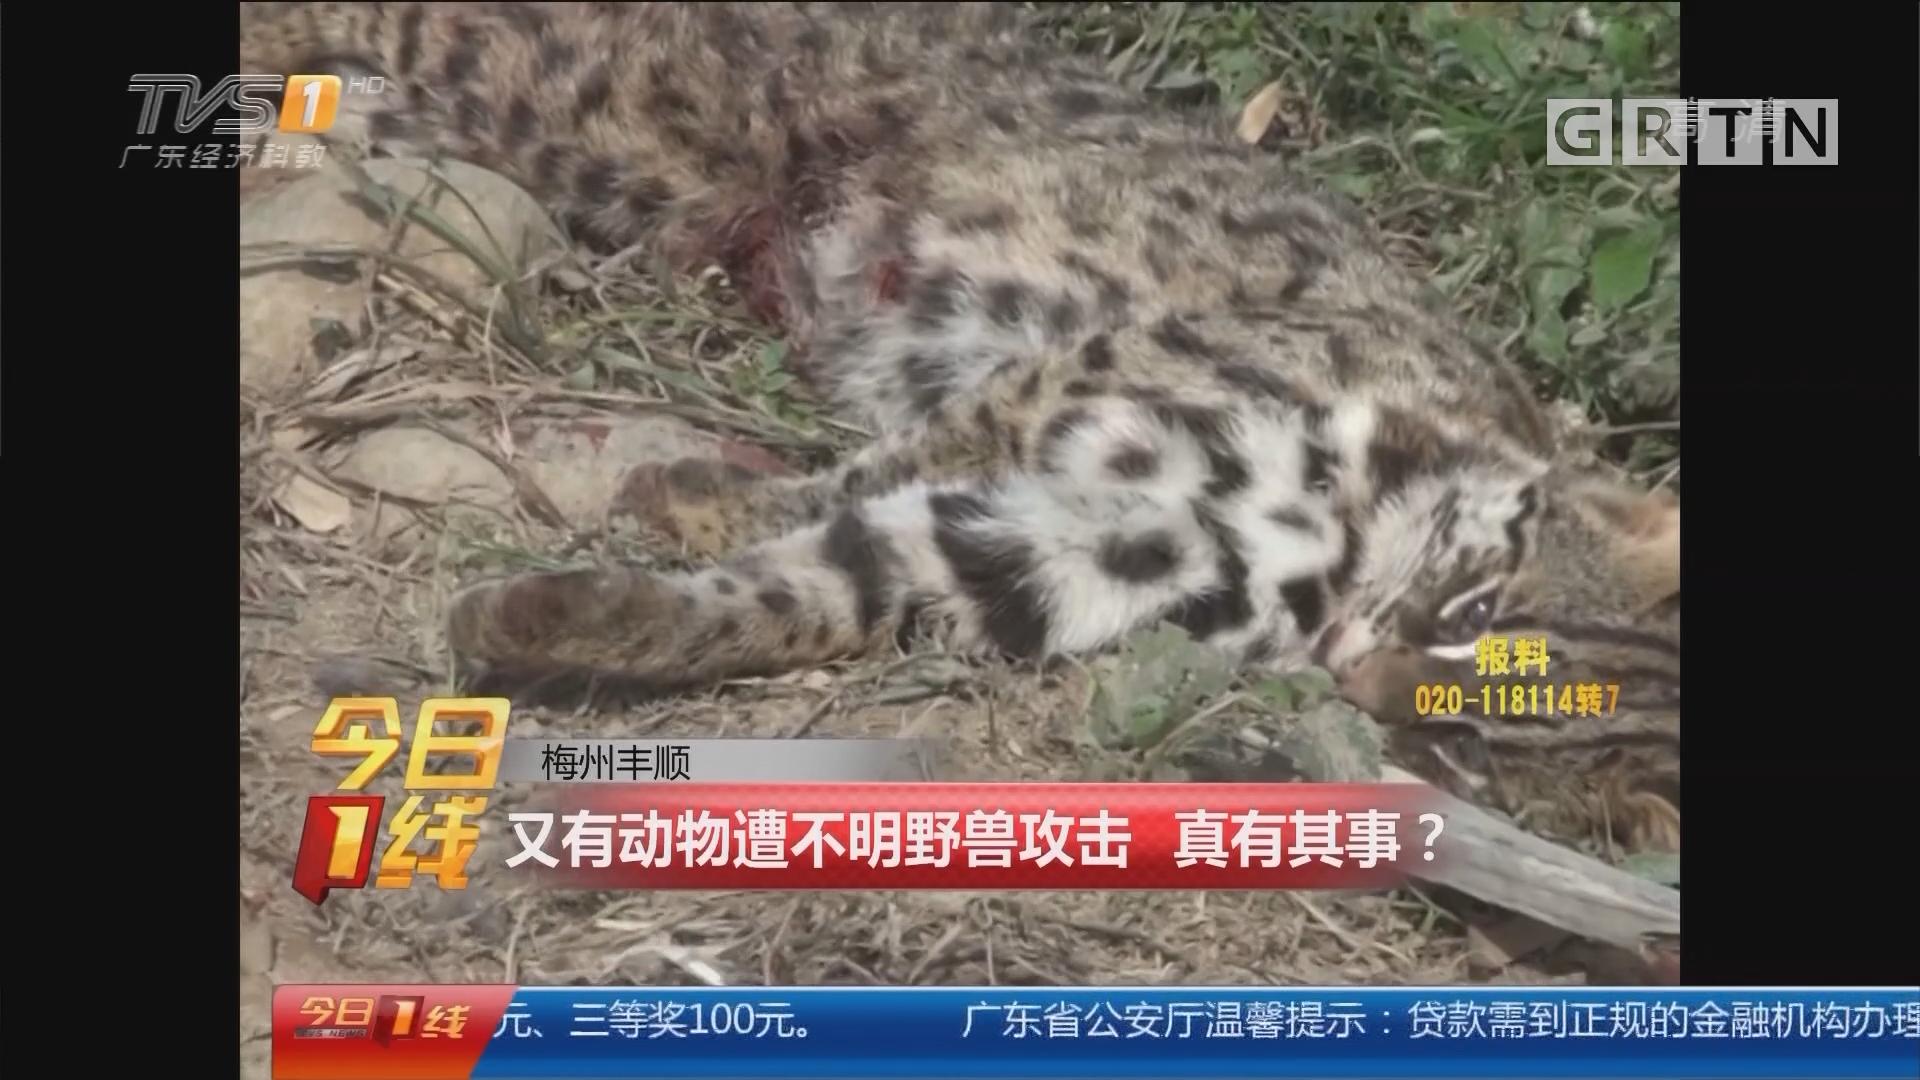 梅州丰顺:又有动物遭不明野兽攻击 真有其事?